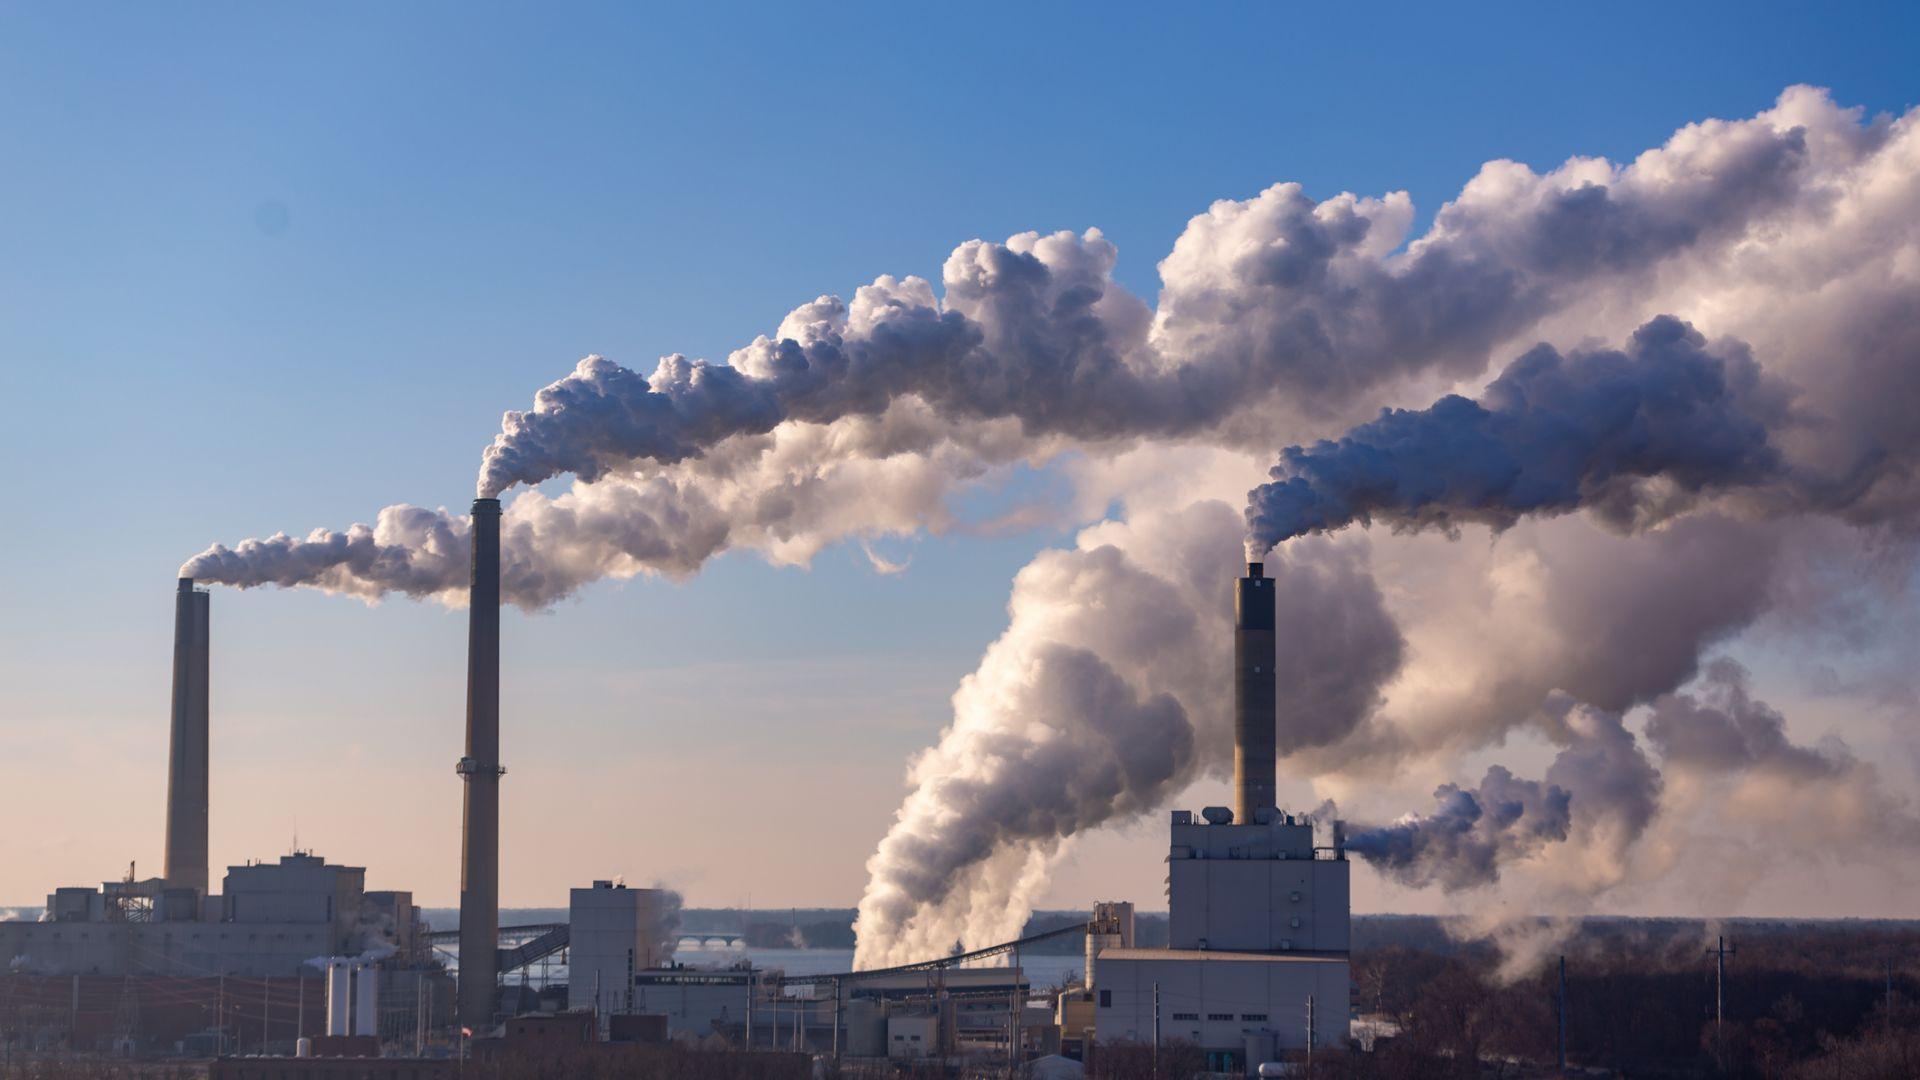 ЕС постигна сделка за нова климатична цел: 55% по-малко емисии вместо 40%